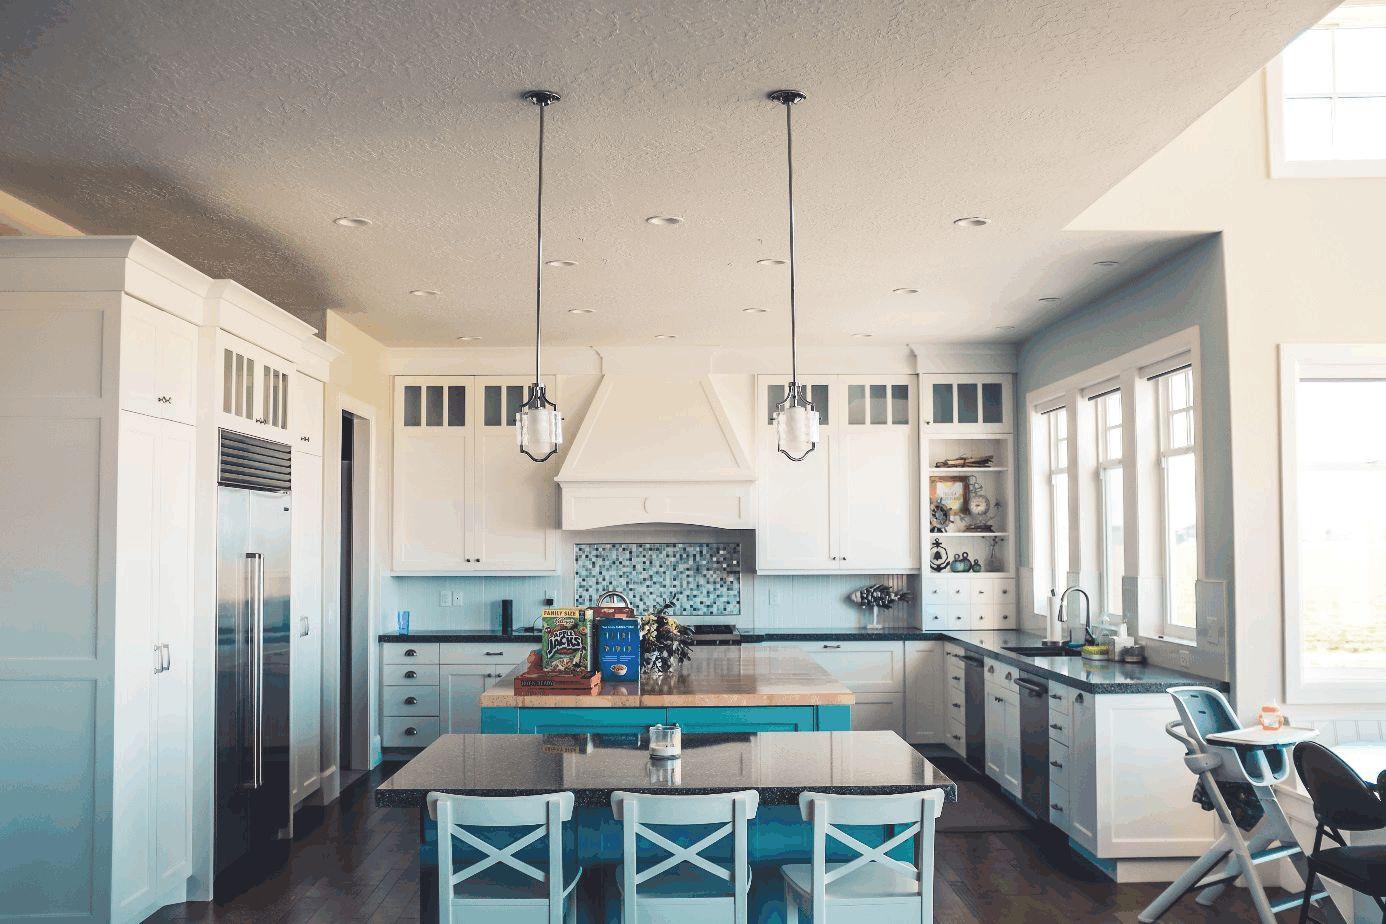 Blick in die leere Küche einer Familie.